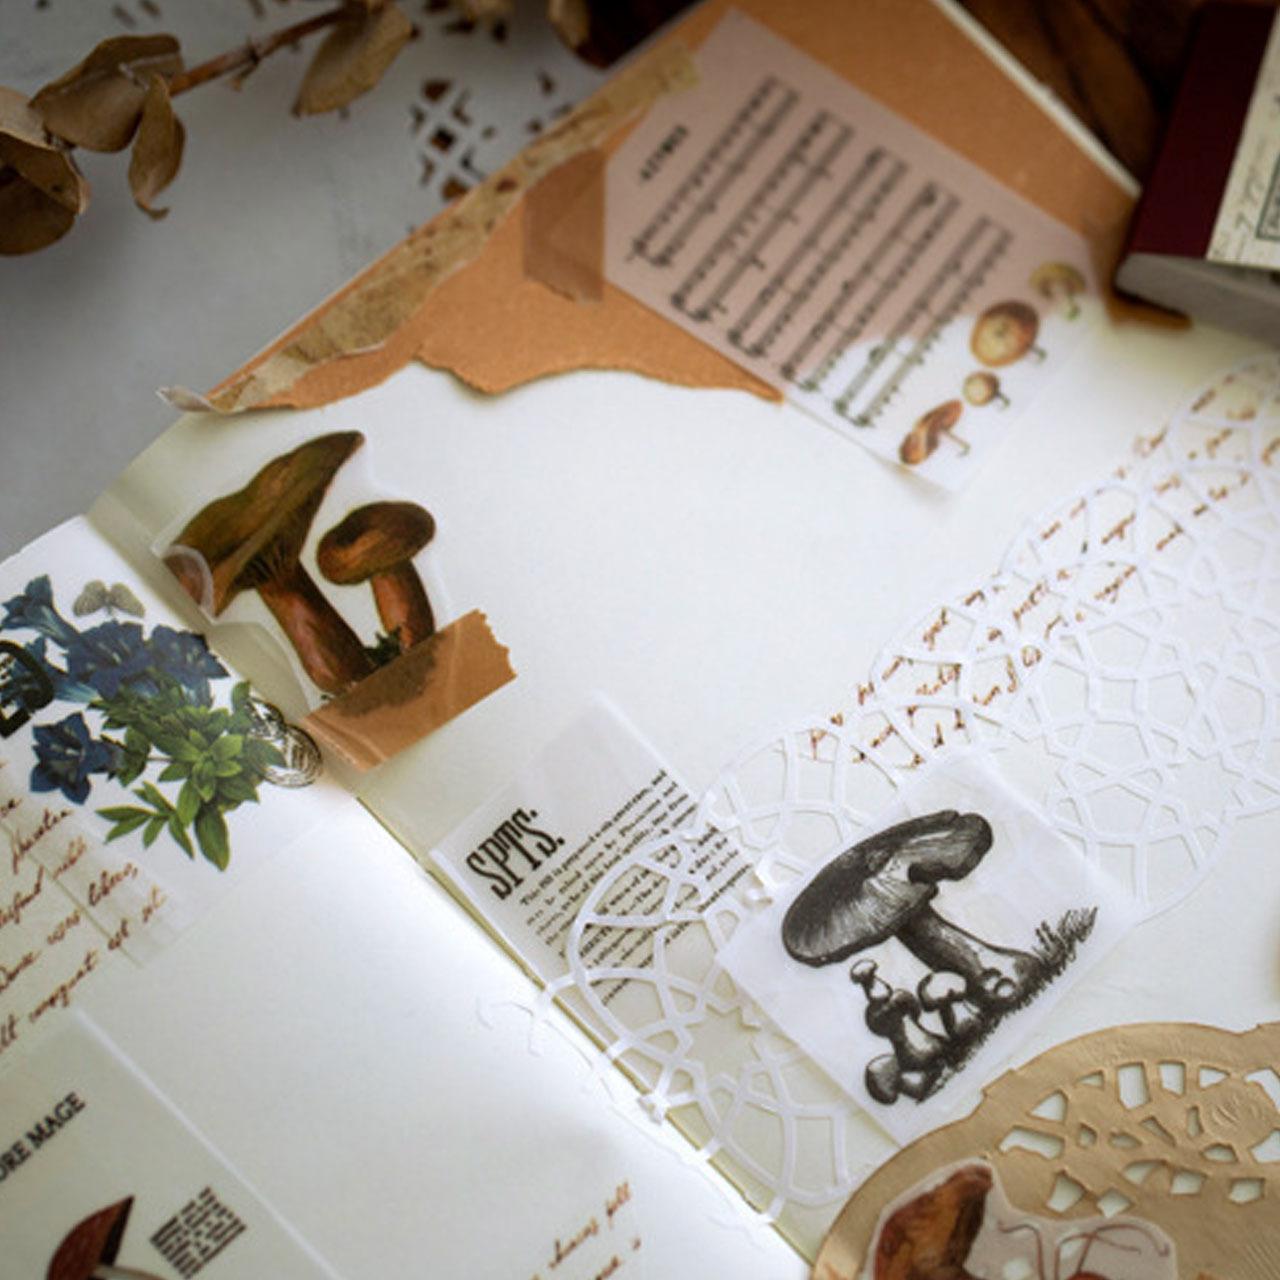 ミニサイズ 硫酸紙 全8種 レトロ 紙もの 背景紙 海外製 コラージュ ジャンクジャーナル ほぼ日手帳 A26